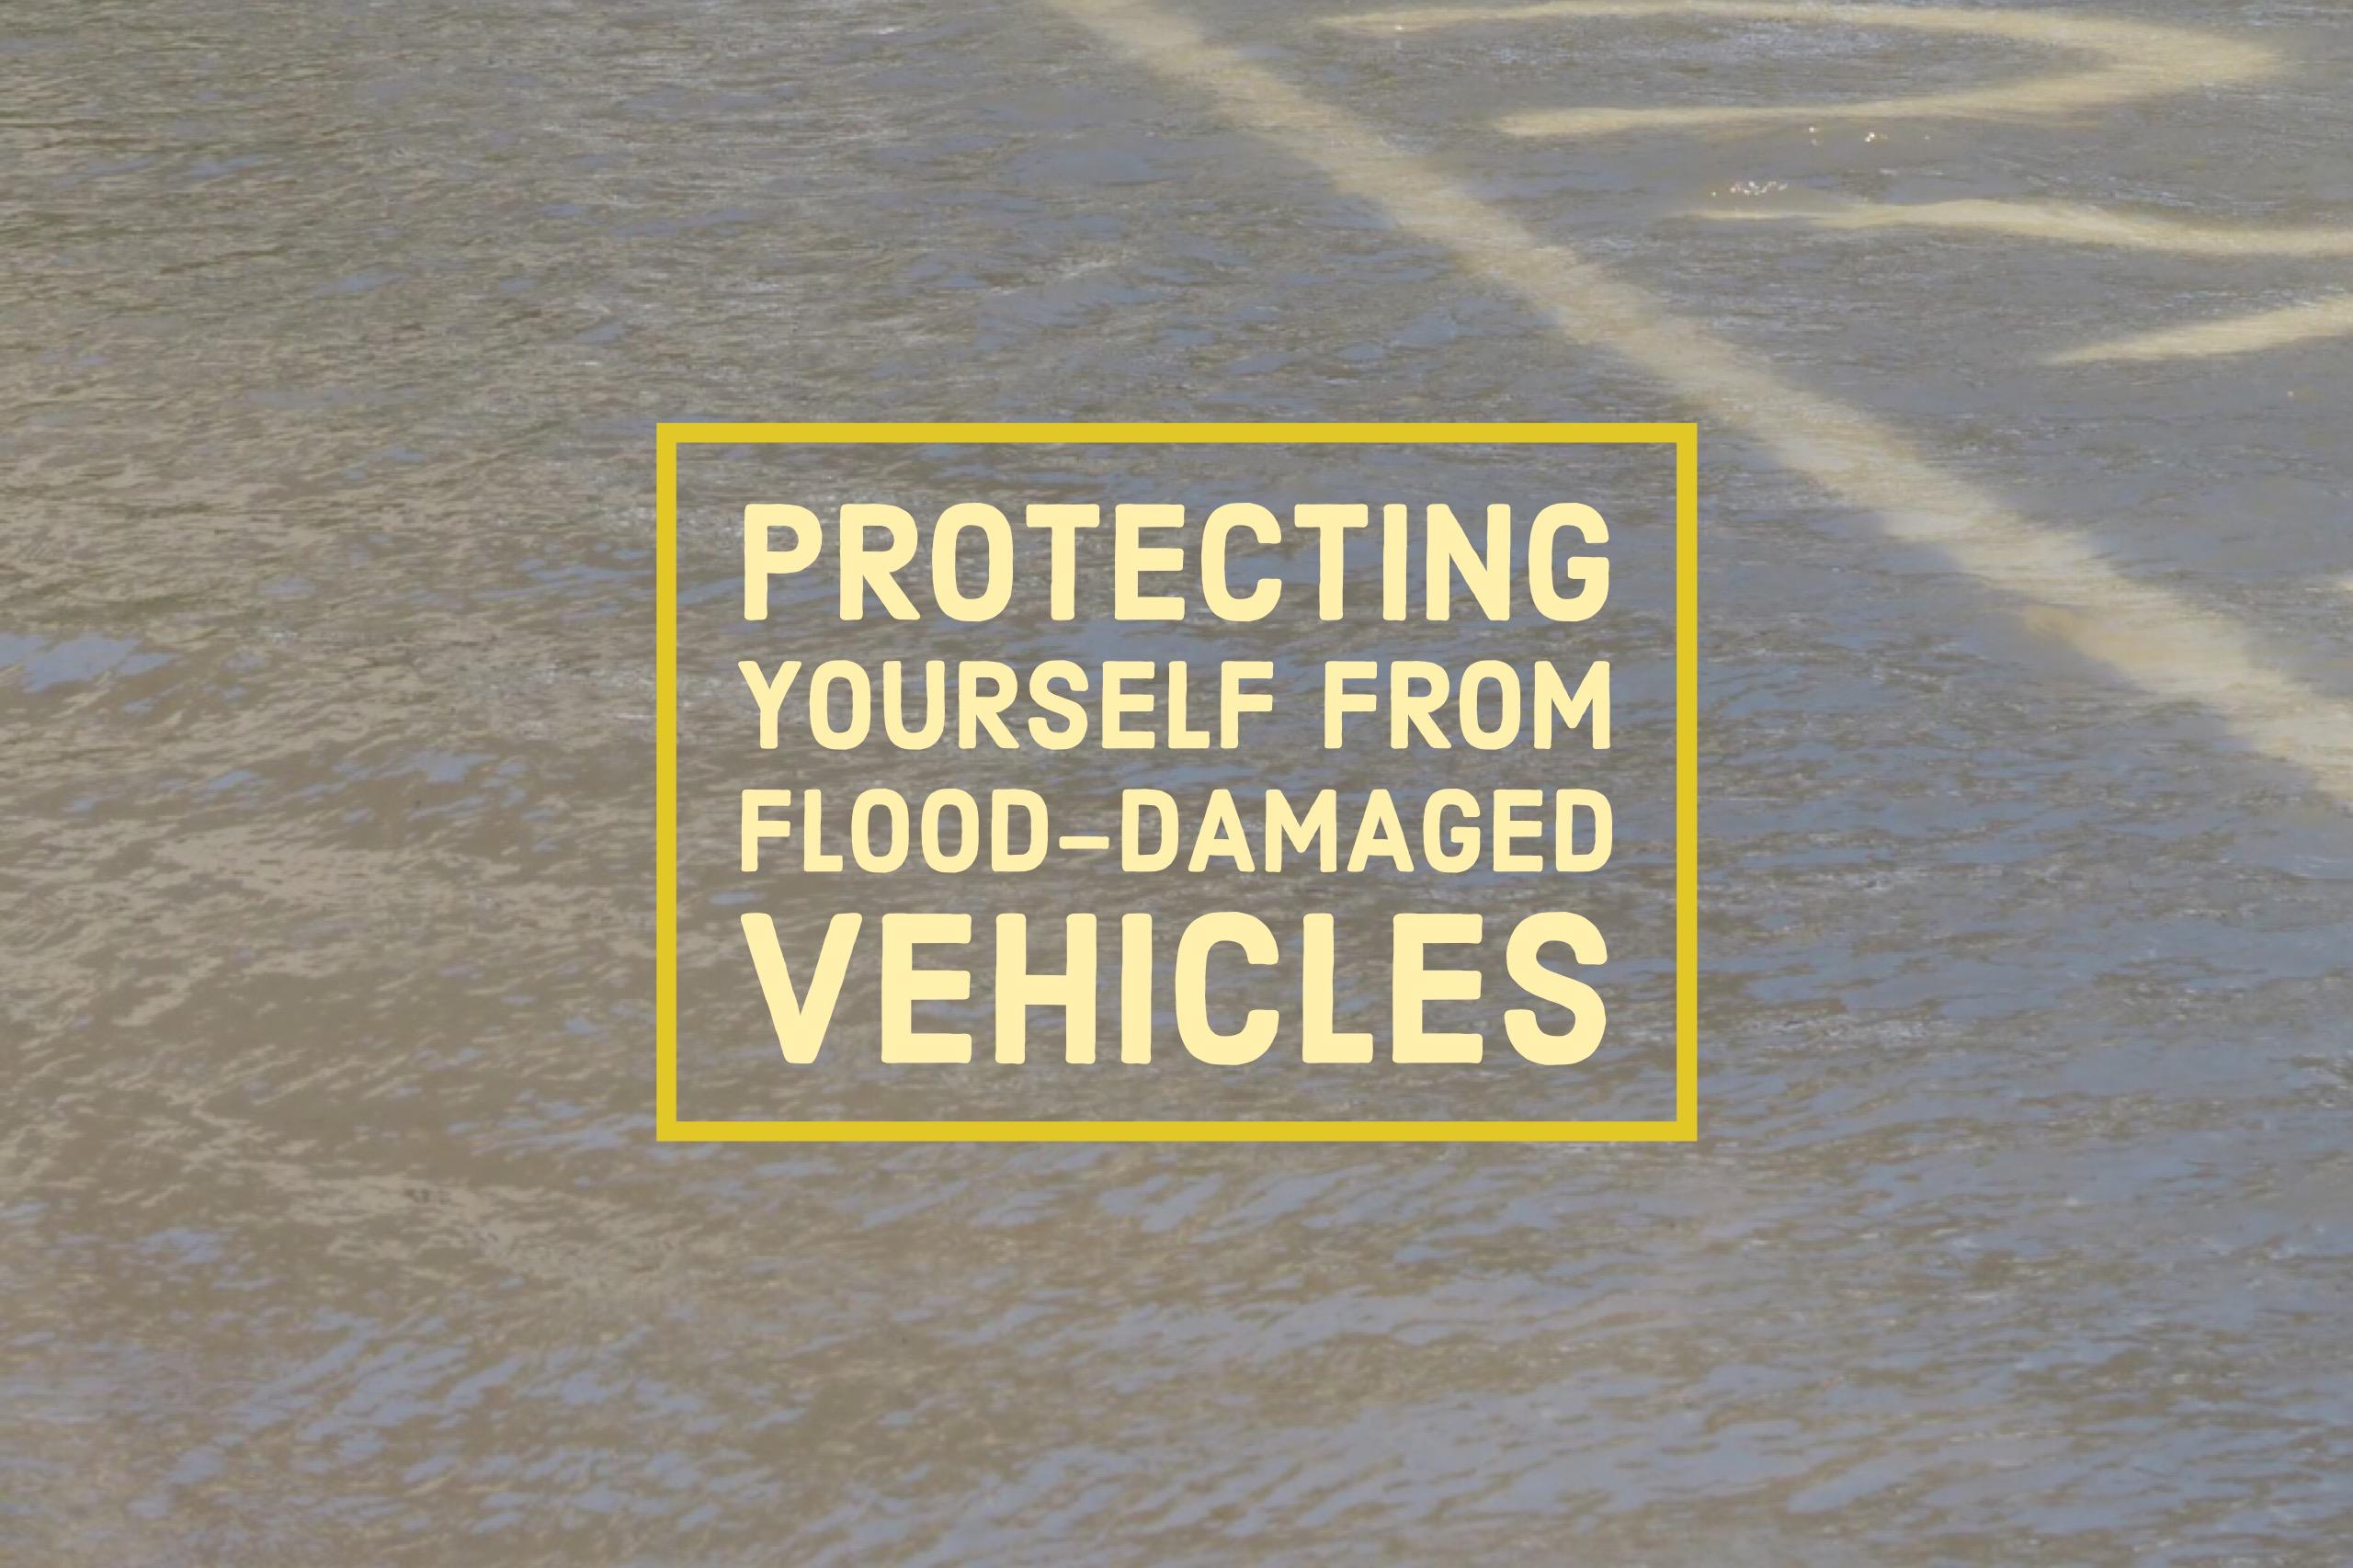 DisasterCarsProtectingYourselffromHurricane-andFlood-DamagedVehicles